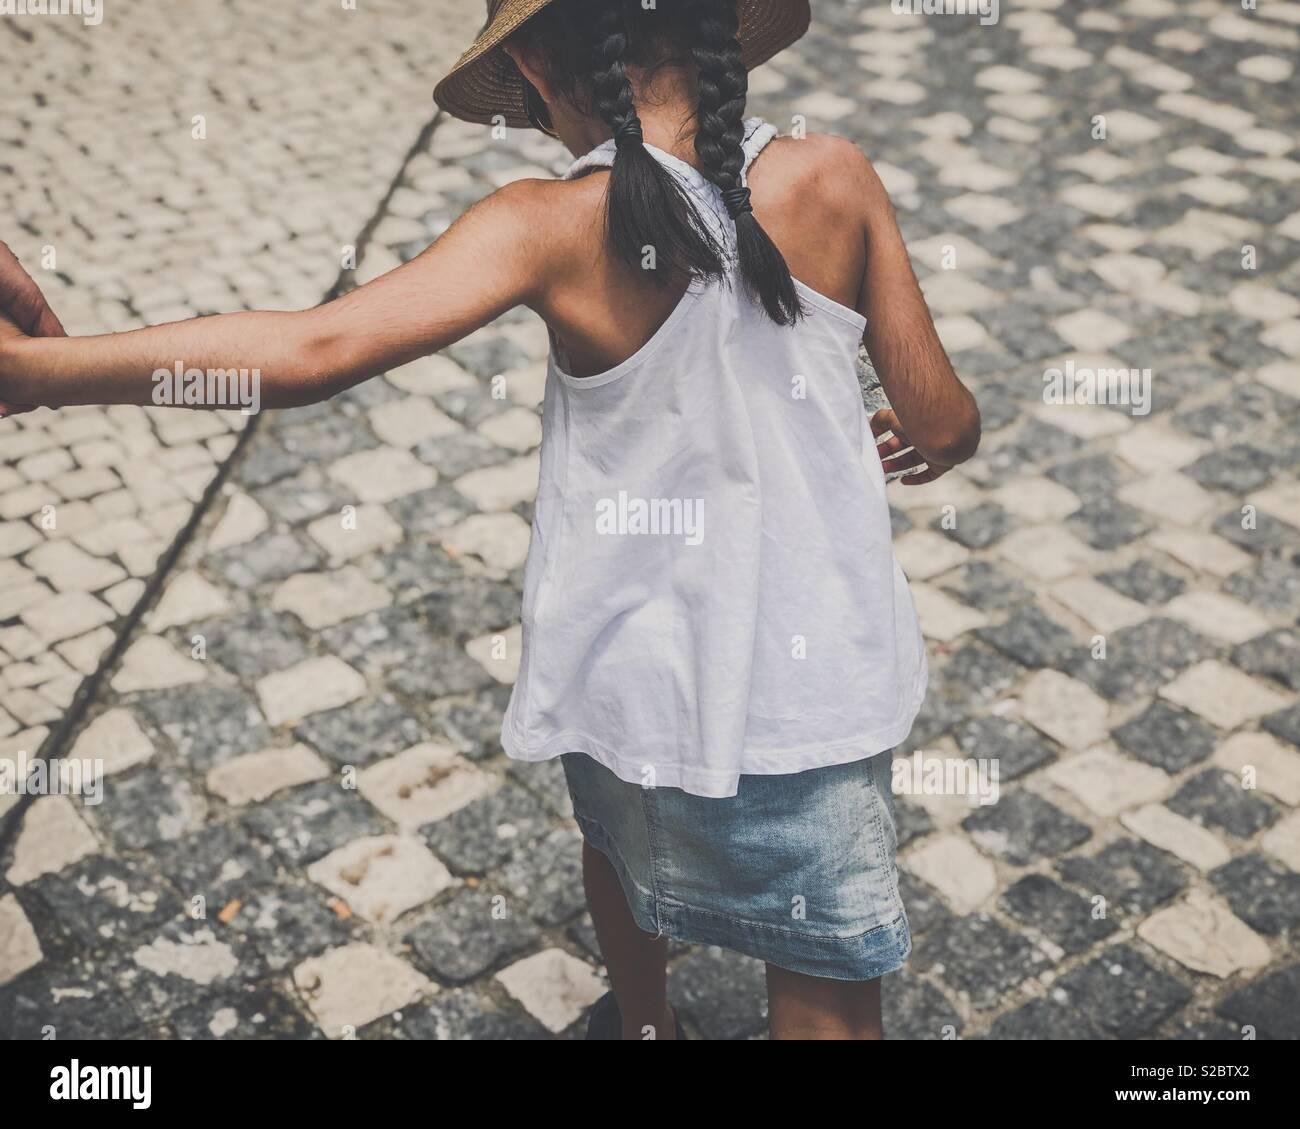 Ragazza con i capelli intrecciati e hat, camminando su una pietra piastrellato percorso, tenendo le mani adulte. Immagini Stock